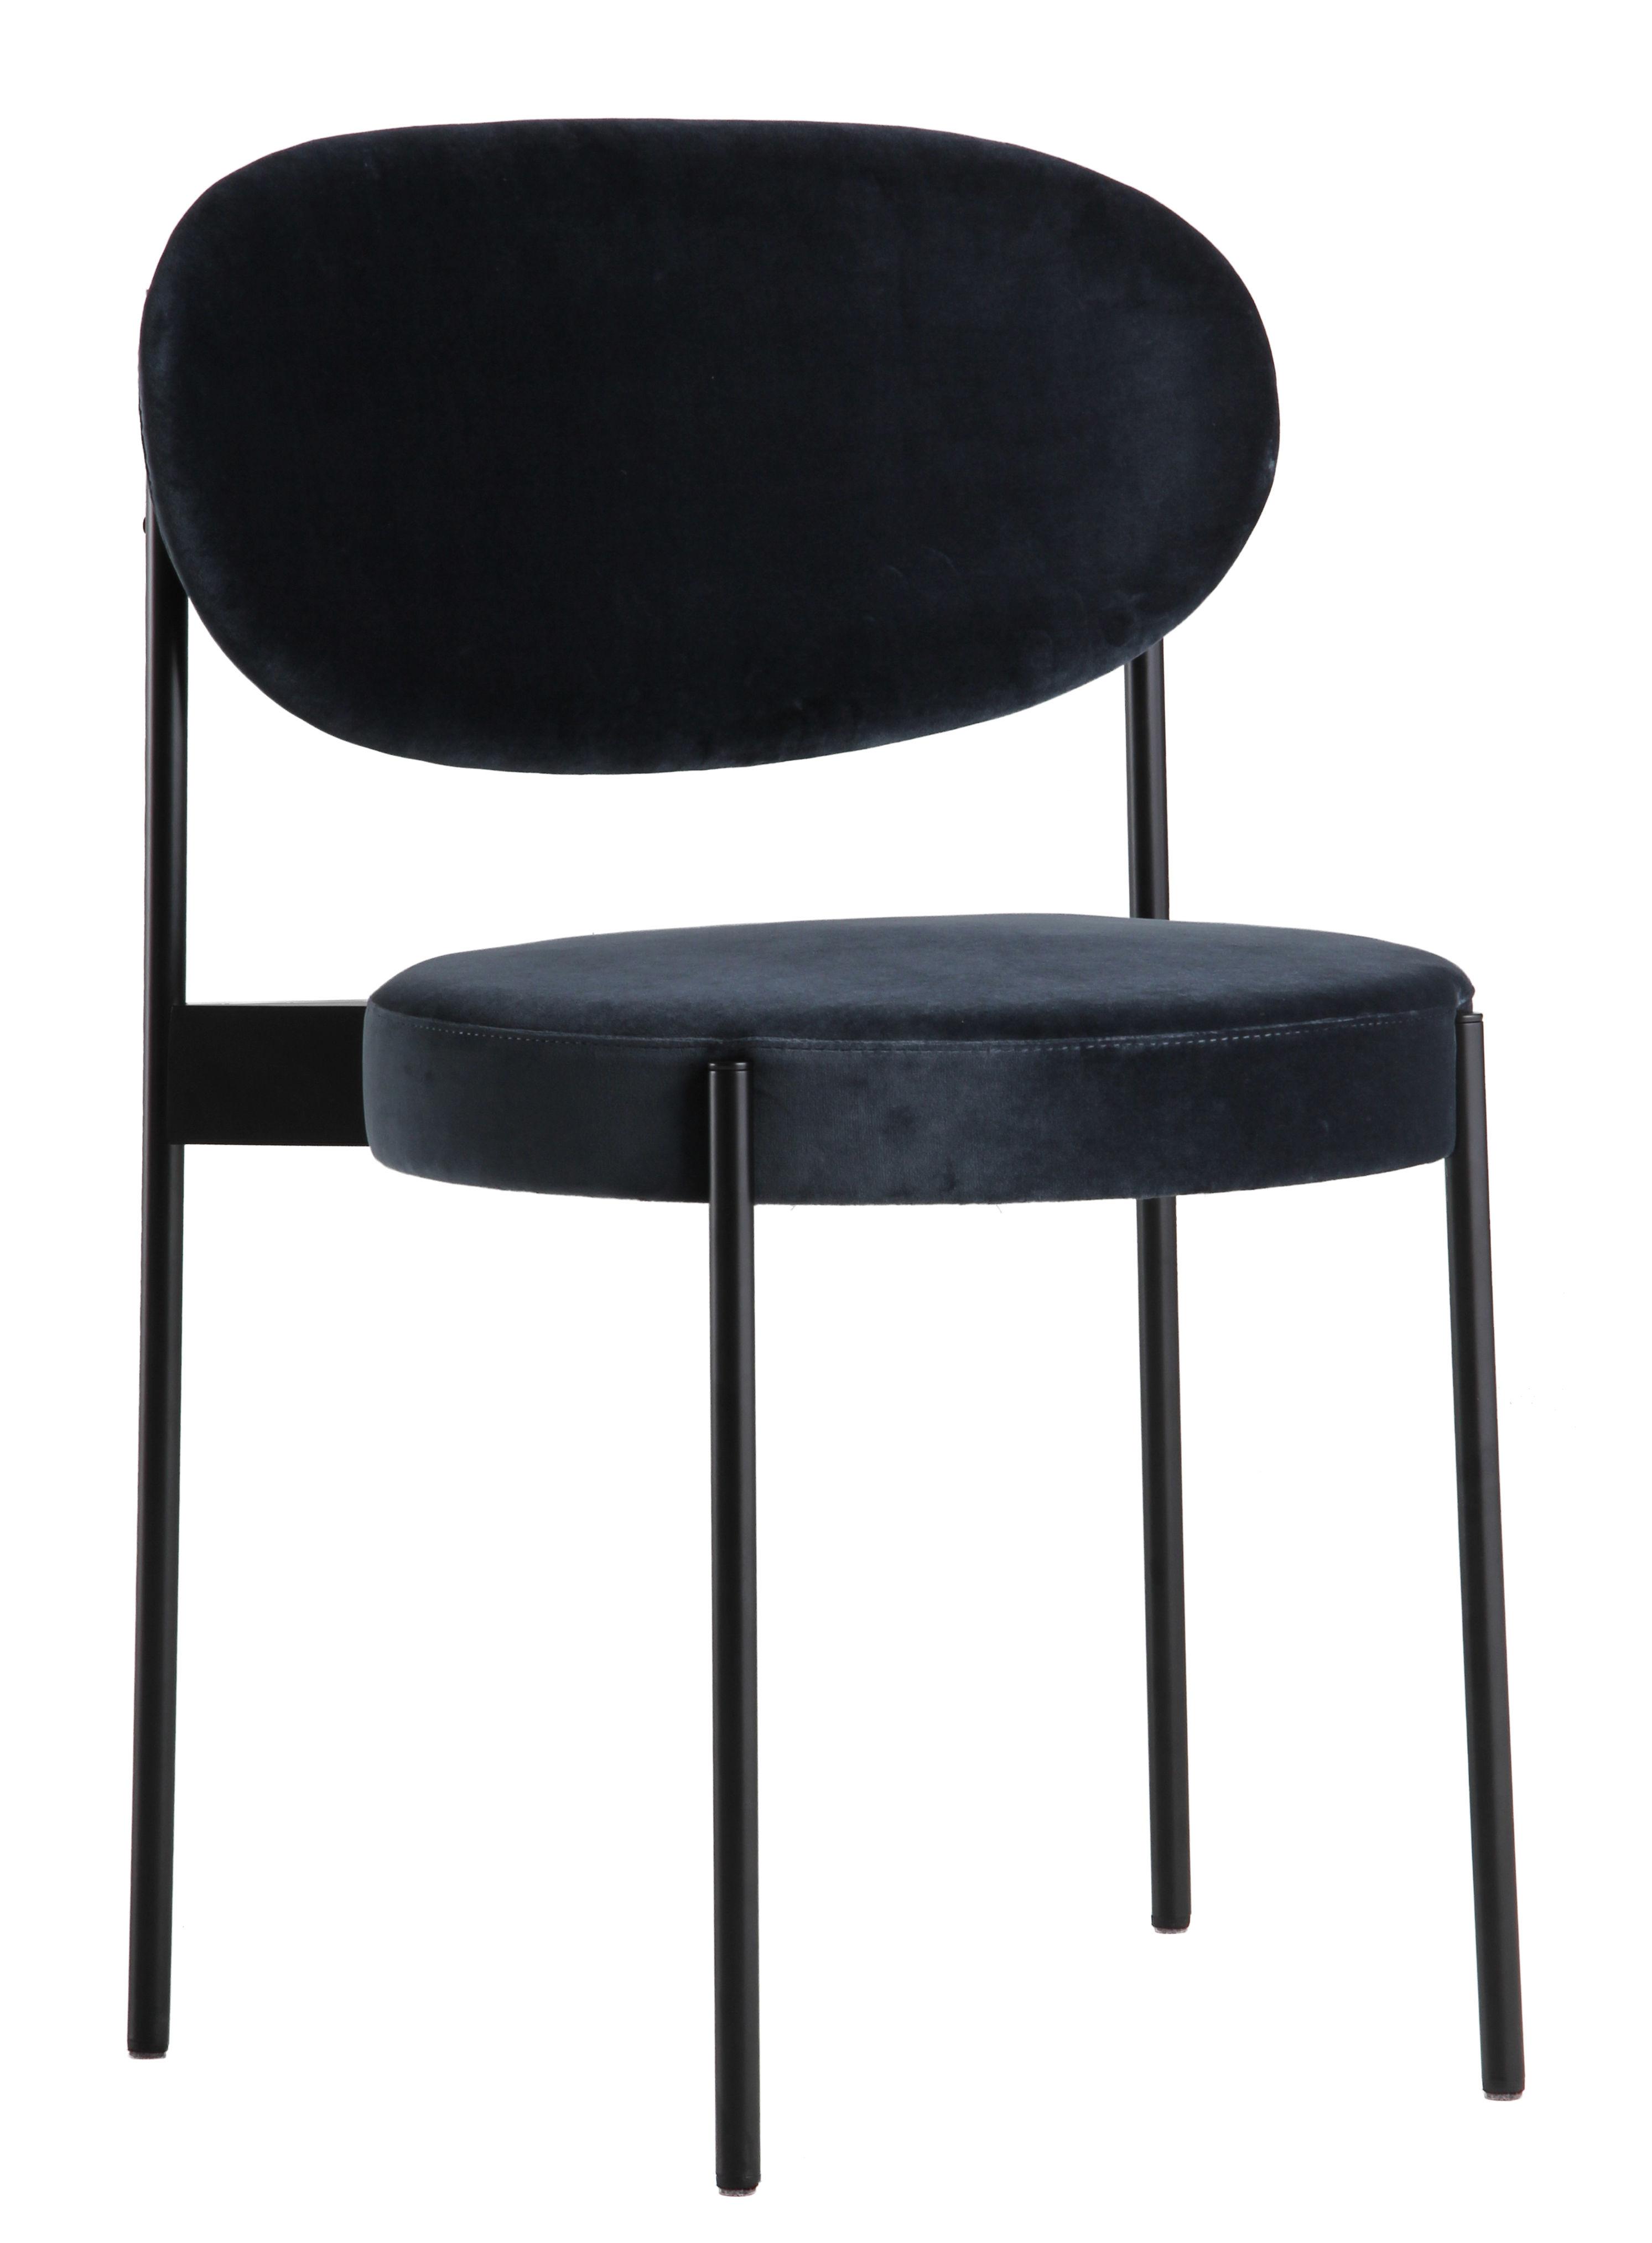 chaise rembourr e series 430 empilable velours velours bleu gris verpan. Black Bedroom Furniture Sets. Home Design Ideas